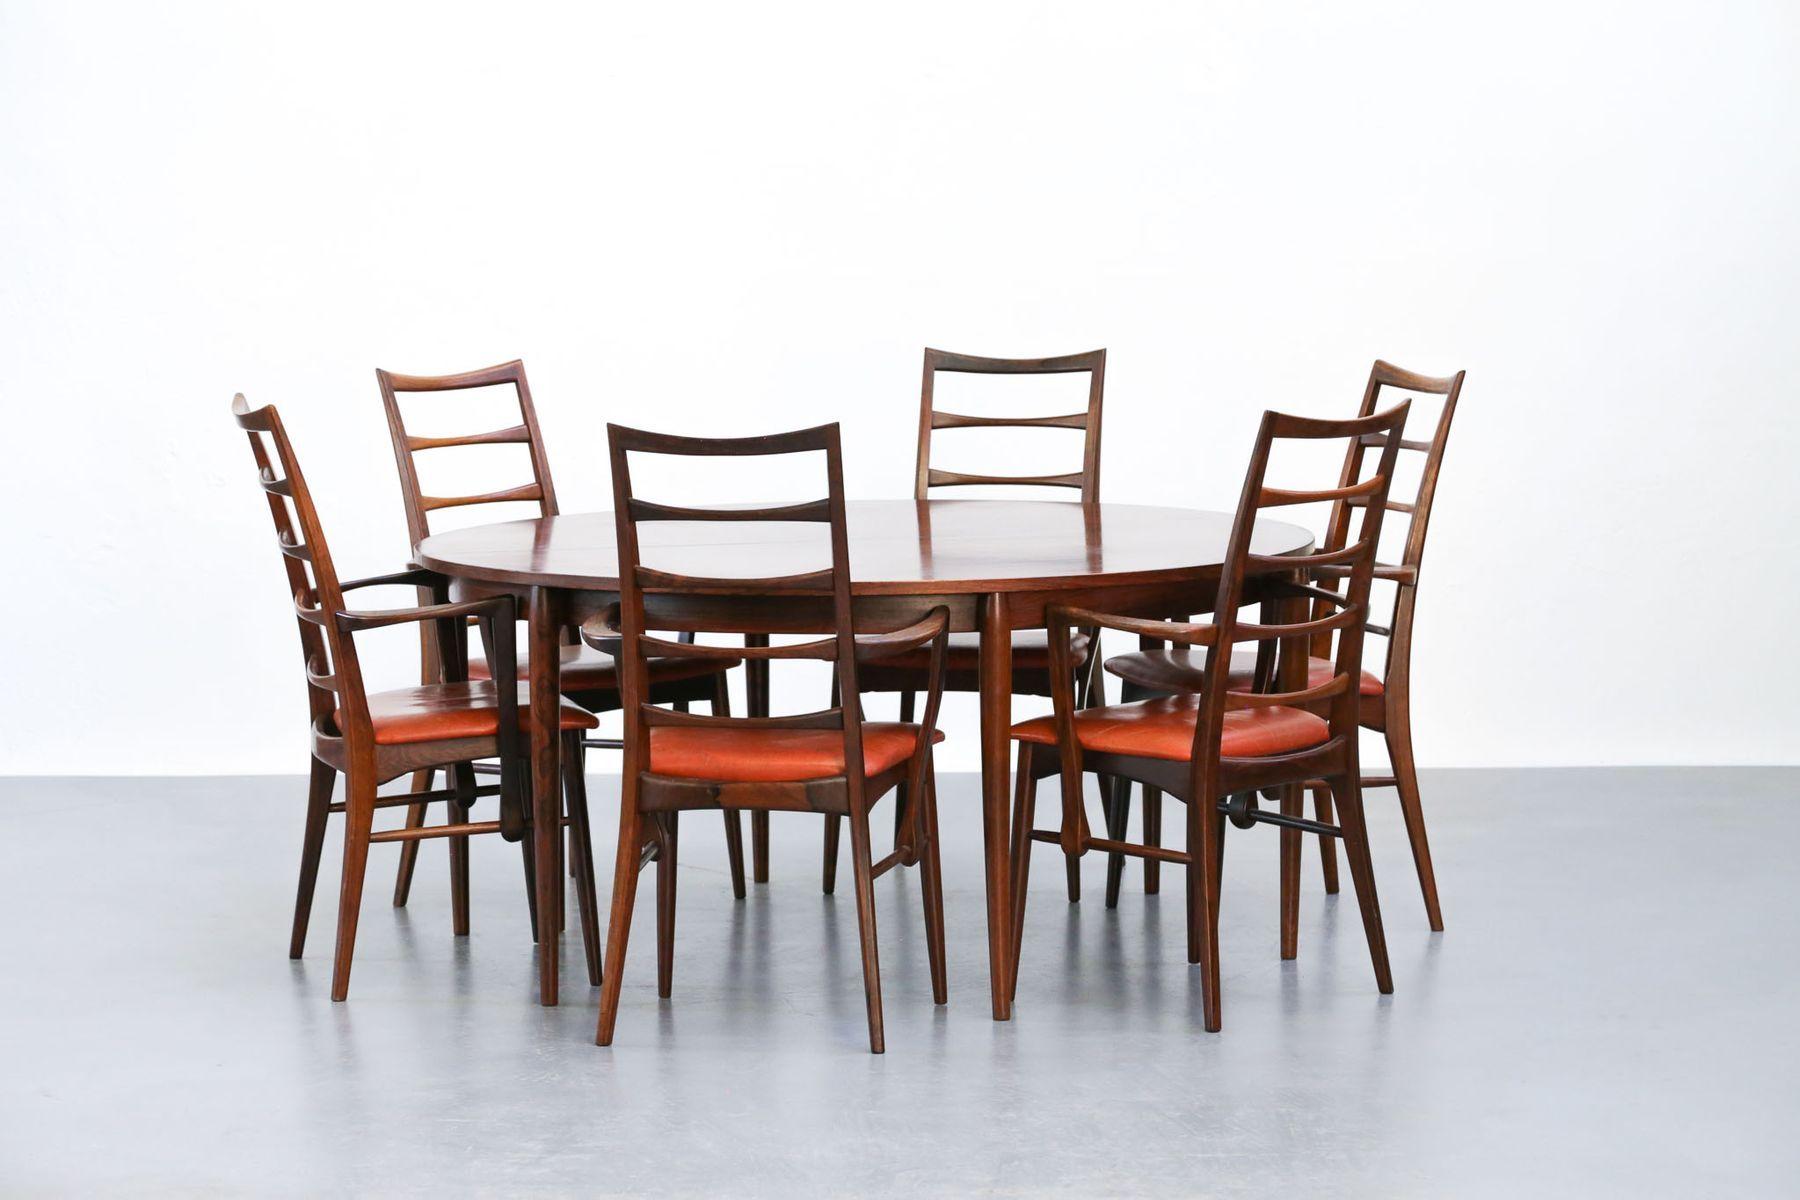 Tisch Rund Ausziehbar Massiv Runde Glastische Ausziehbar Eiche Esstischgruppe Esszimmertisch Eiche Massiv Ausziehbar Esstischgrup Esszimmertisch Glastische Und Tisch